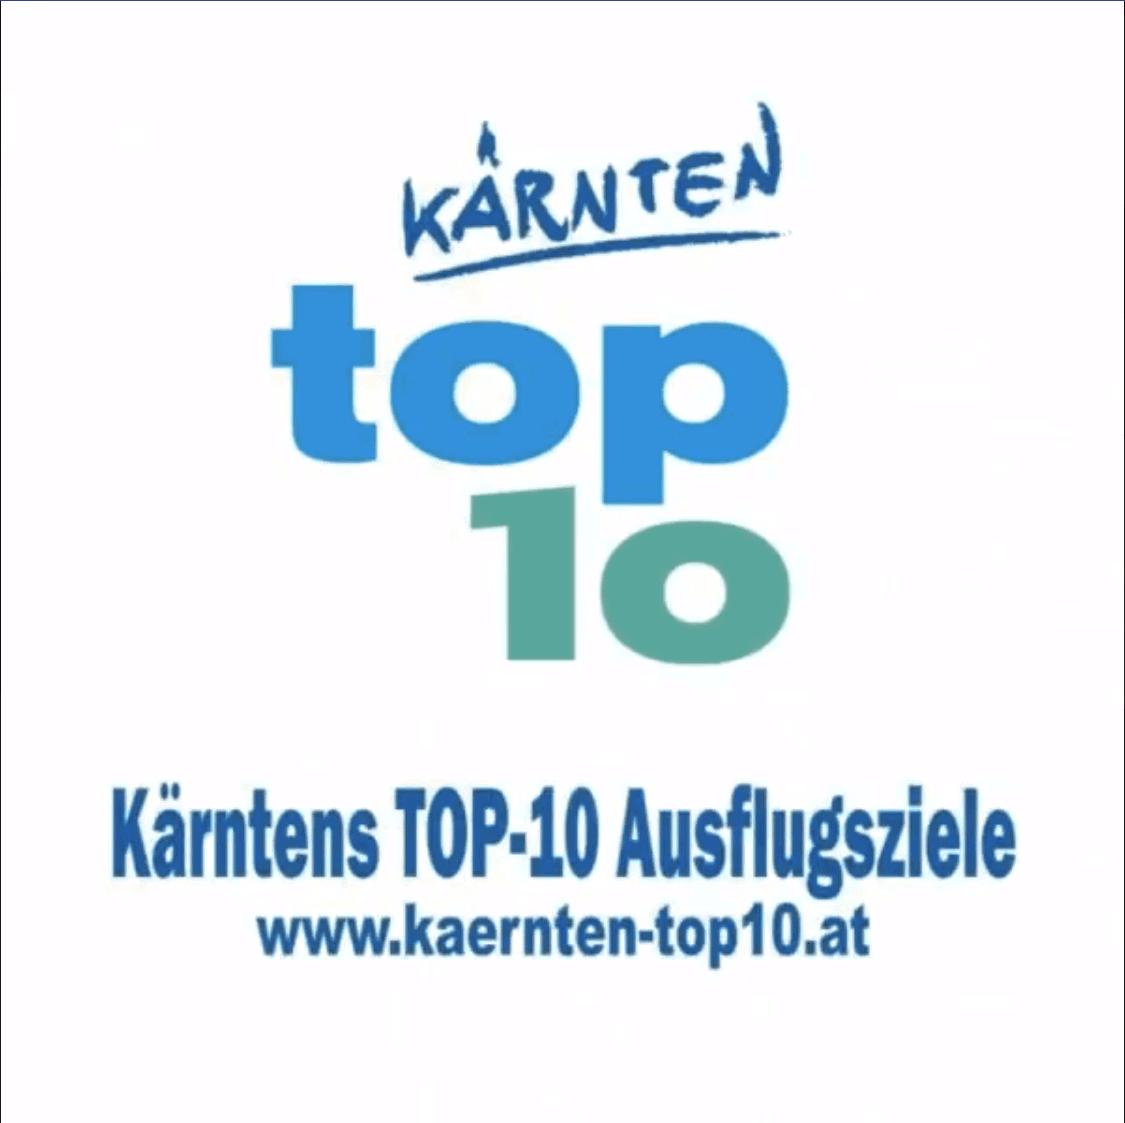 Kärntens TOP Ausflugstipps für die Carnica Region Rosental in Kärnten